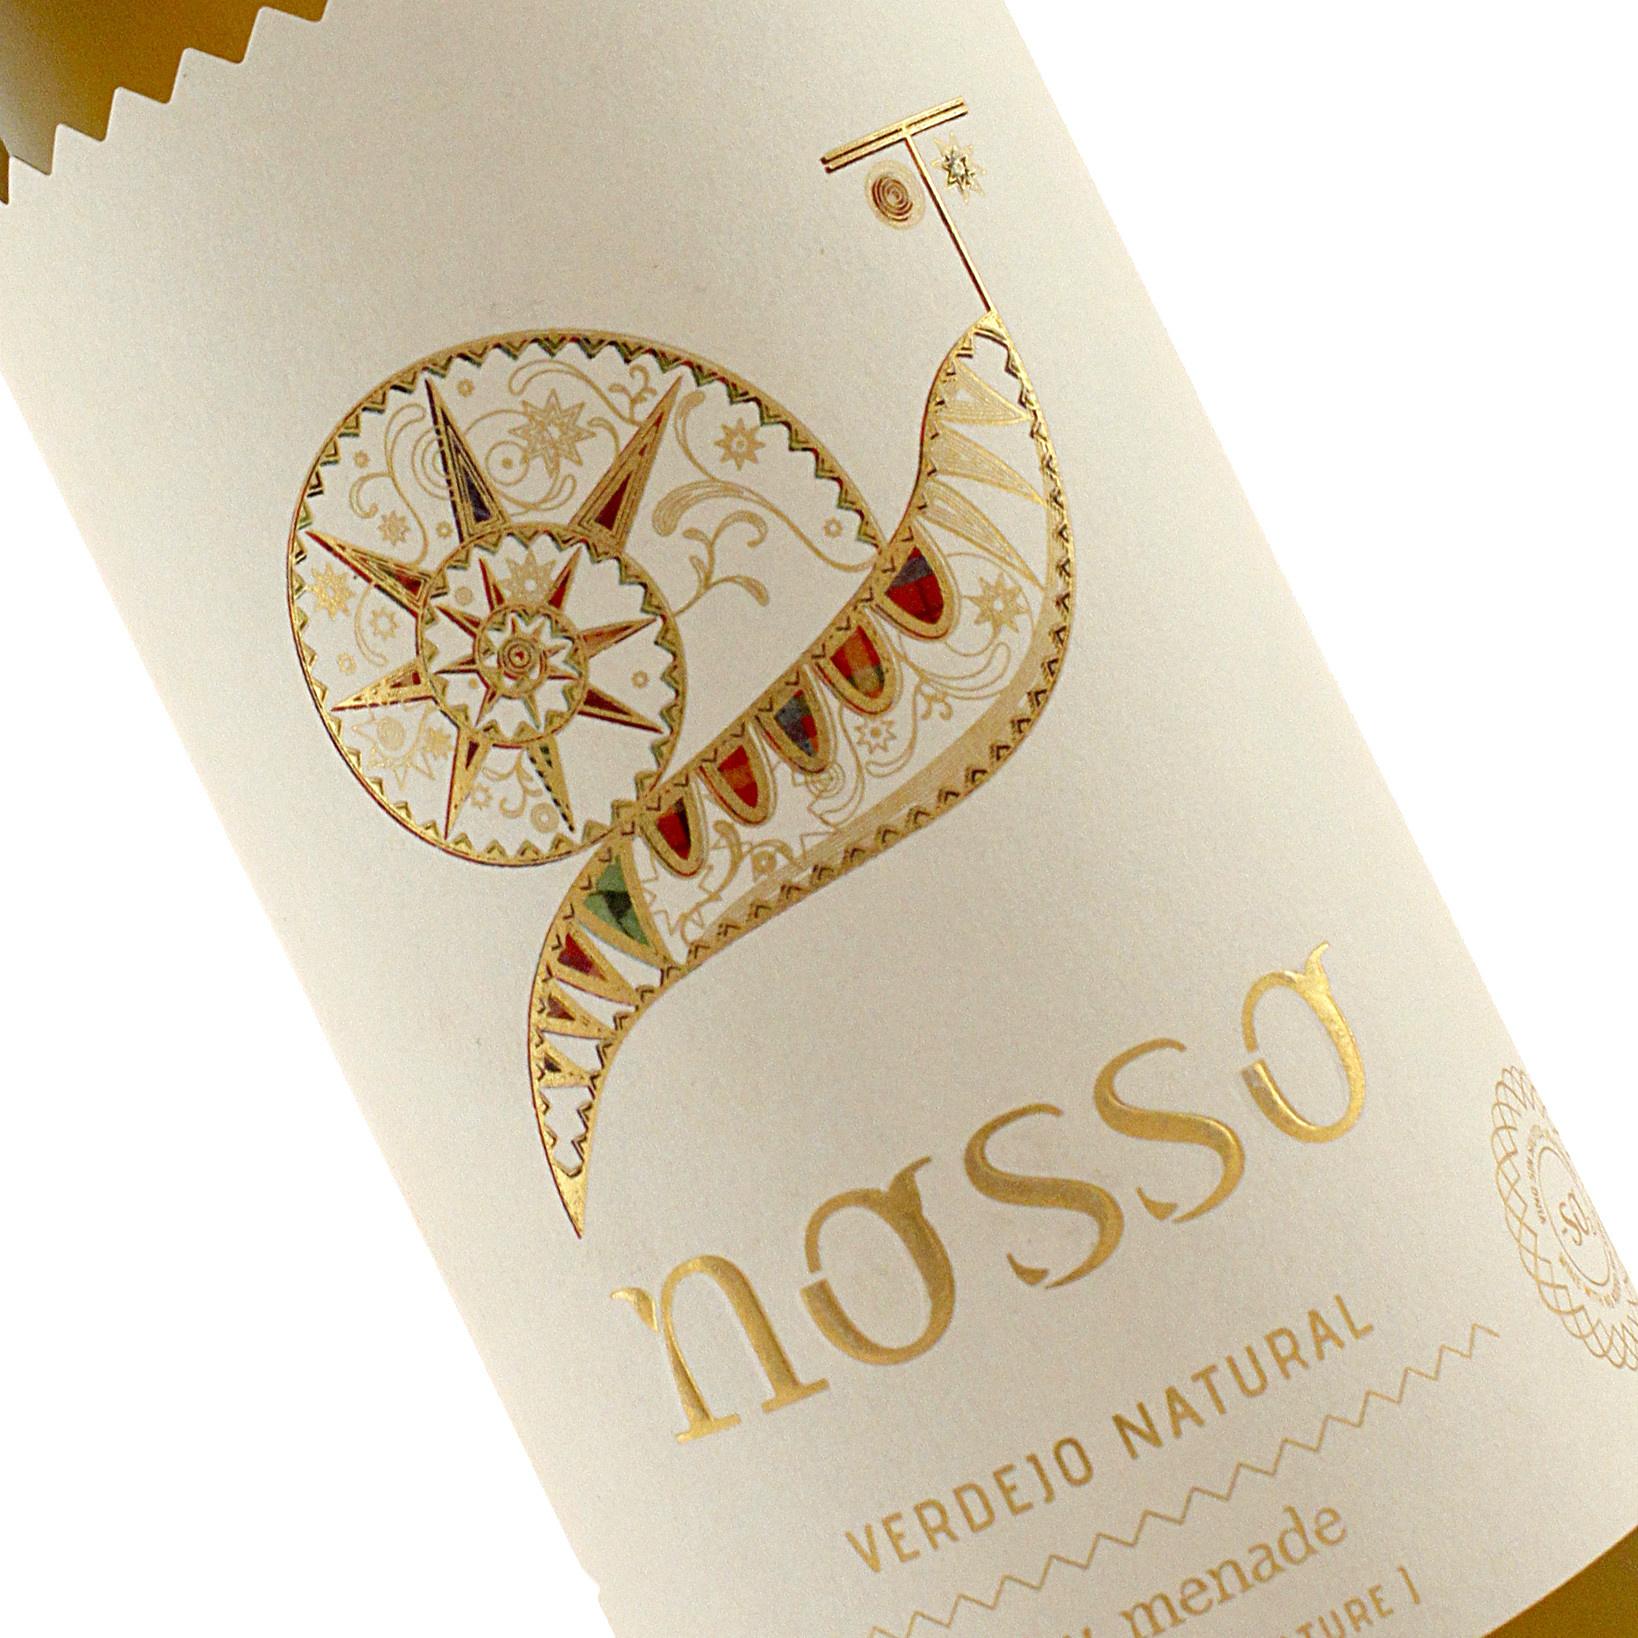 Menade 2017 Verdejo Nosso, Castilla y Leon Spain